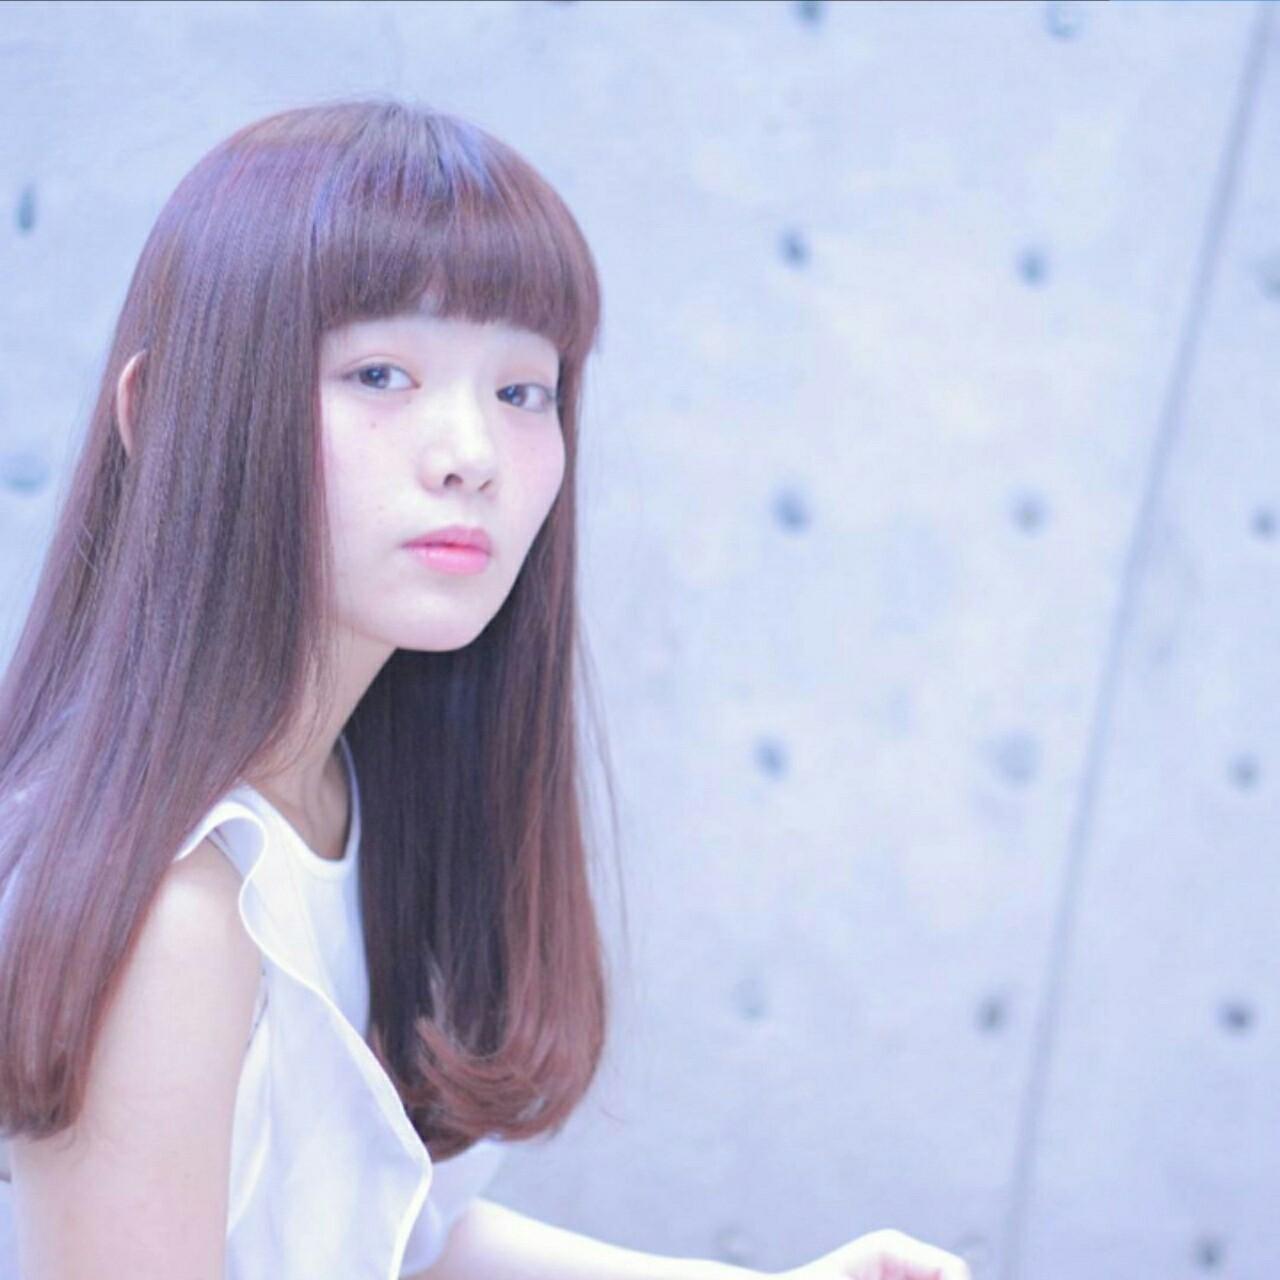 ほんのりピンクにきゅんとする。愛され「ラベンダーアッシュ」のヘアスタイルまとめ  Wataru Maeda